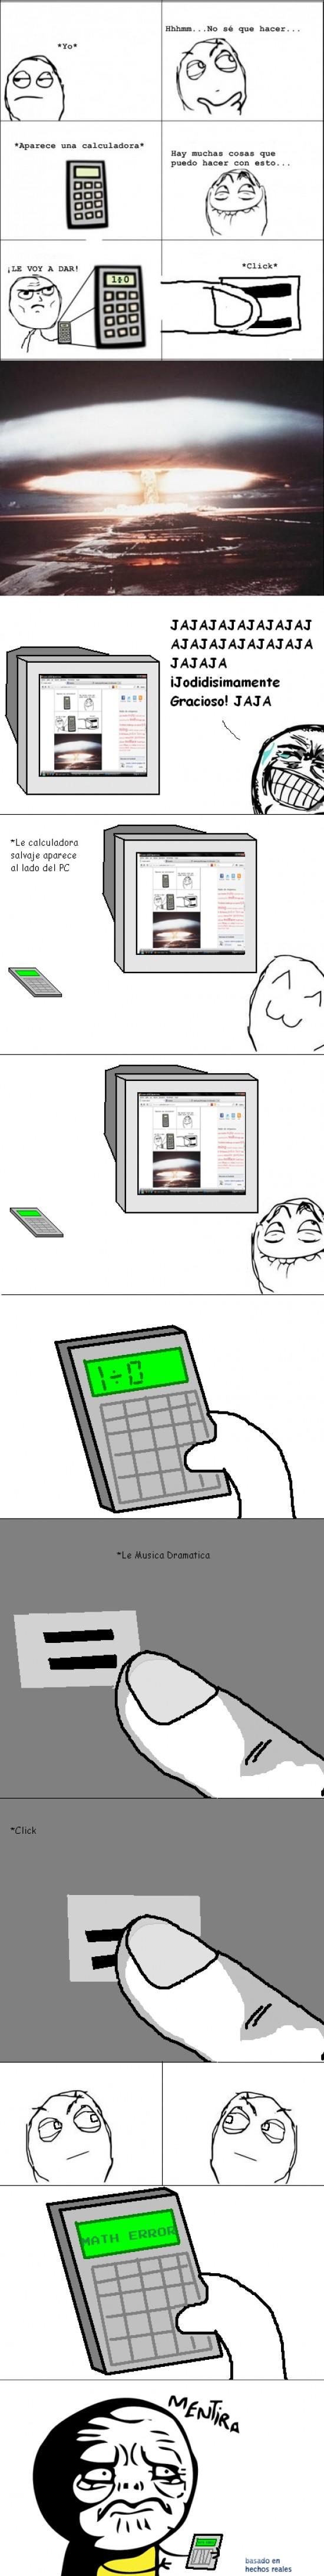 Mentira - Calculadoras